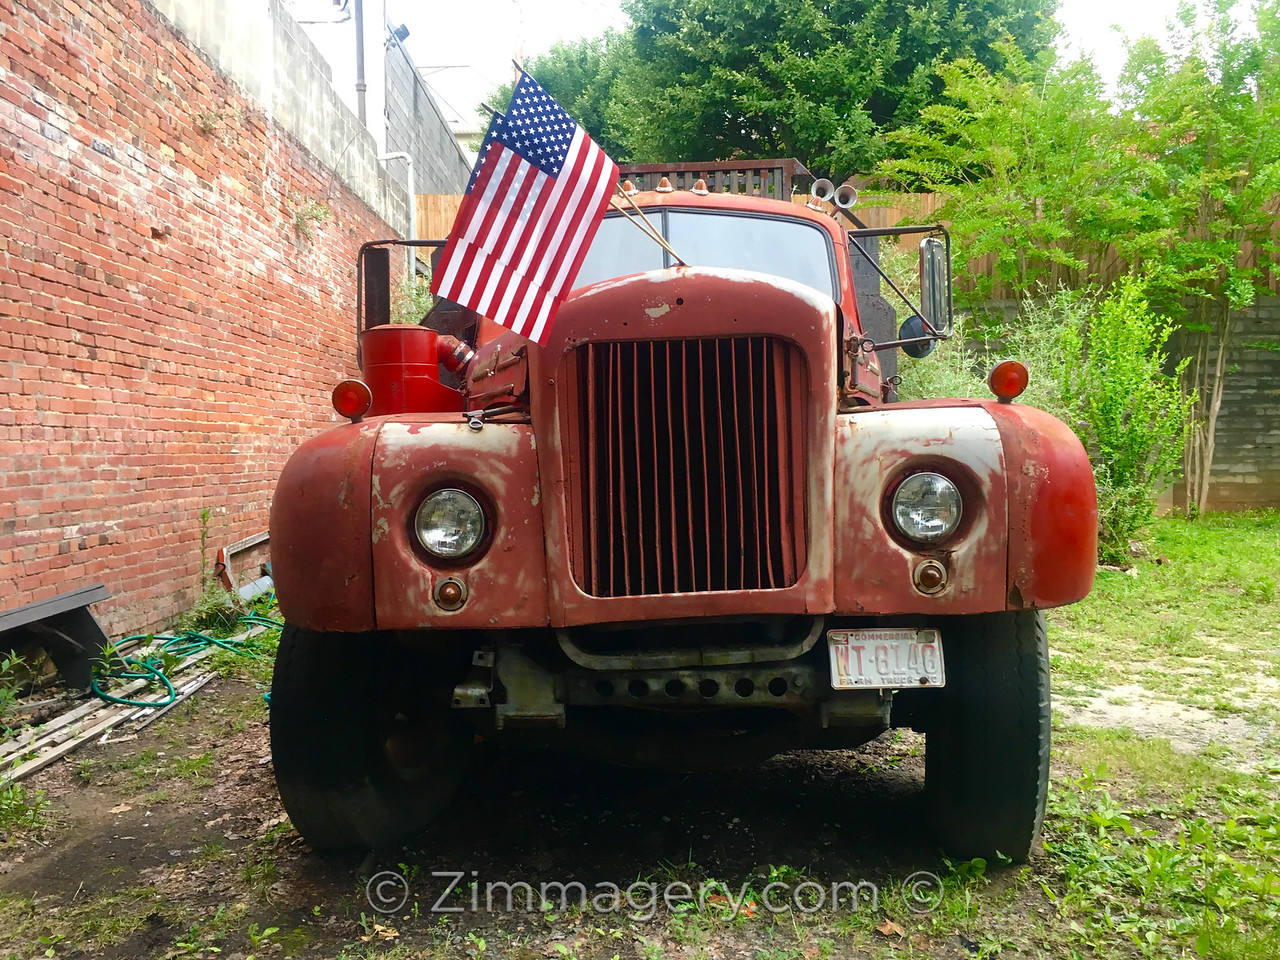 Red Truck in America, South Carolina